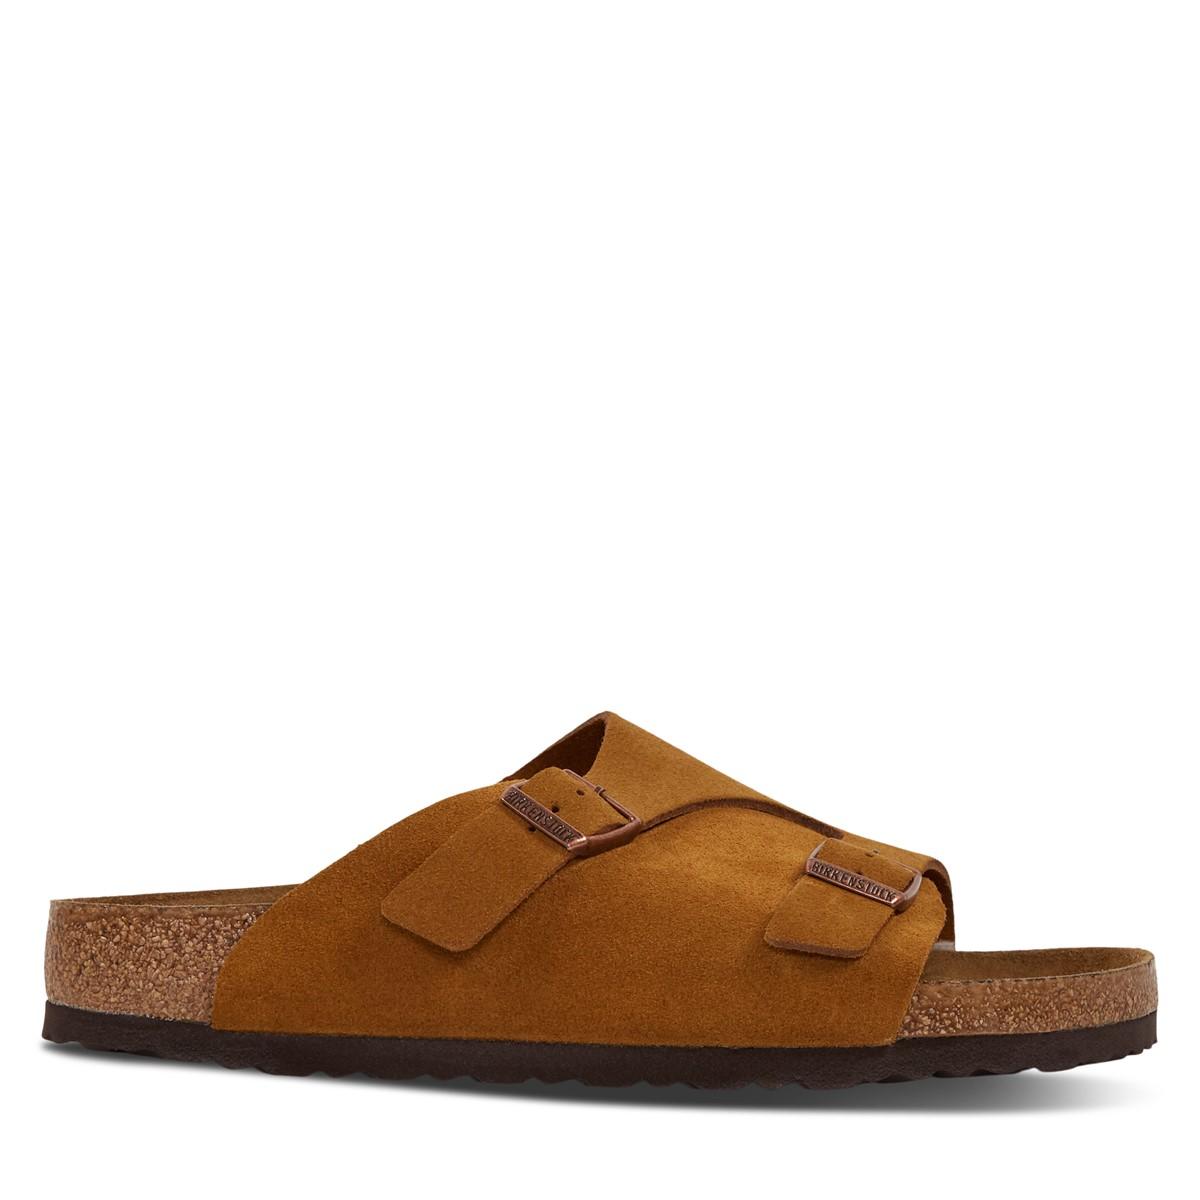 Men's Zürich Sandals in Beige